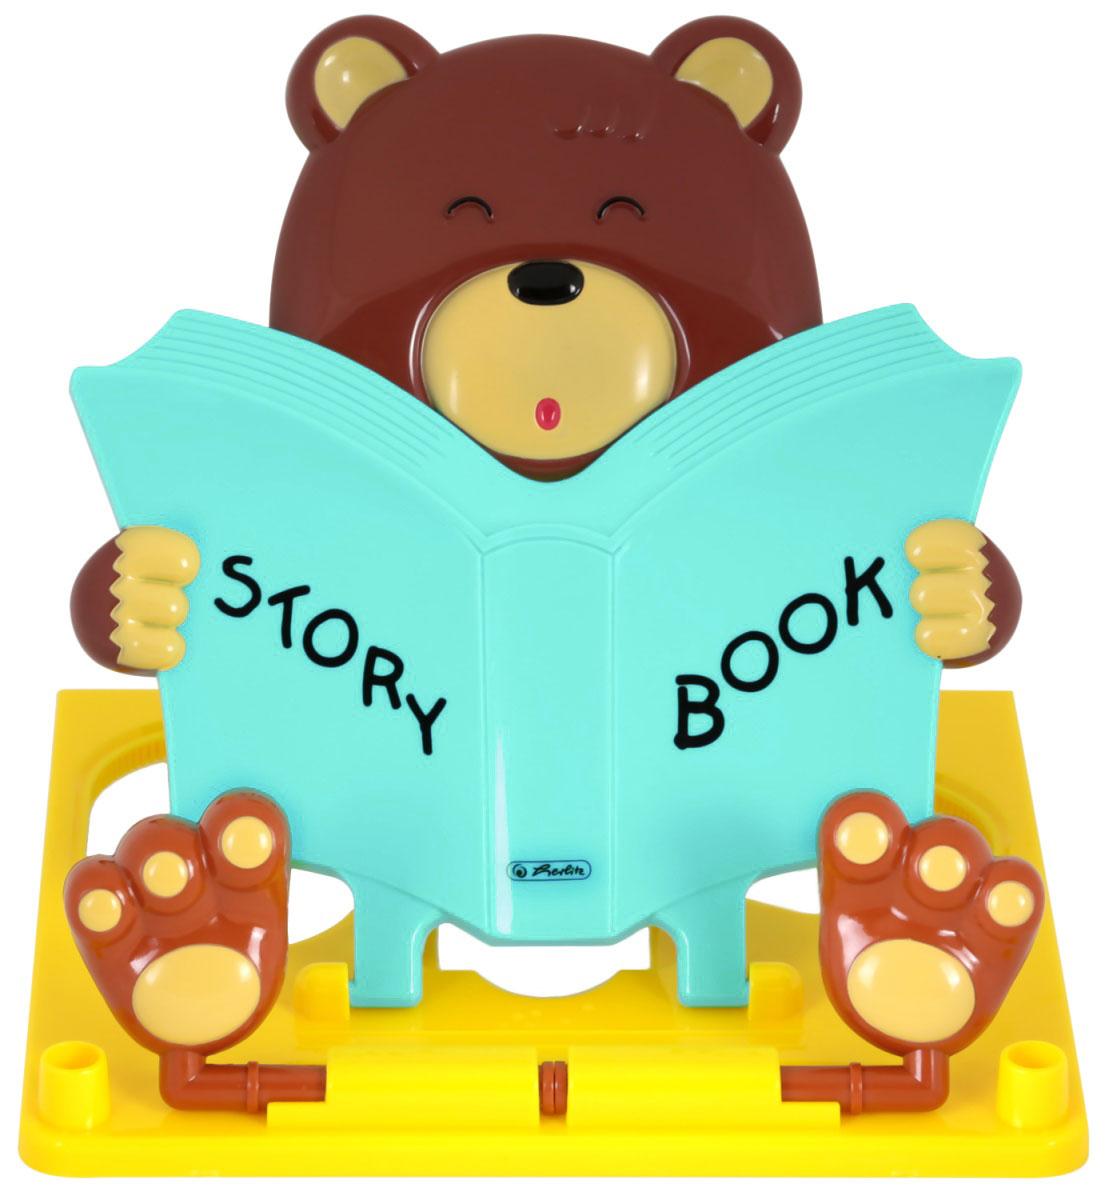 Herlitz Подставка для книг Медведь1610922Во время чтения и работы с книгой важно сохранять правильное расстояние от глаз до листа. Иначе это грозит заболеваниями, связанными с нарушениями ритма дыхания и циркуляции крови. Фигурная подставка Herlitz, выполненная в виде читающего медвежонка, поможет вам избежать этих проблем. Специальные регулируемые по ширине вставки-лапки препятствуют скольжению и падению книг и учебников. Подставка выполнена из прочного пластика, а благодаря небольшому размеру, она не займет много места в рюкзаке. На подставке расположена шкала до 16 см. Удобная складывающаяся подставка для книг и учебников удобно зафиксирует книгу на столе и позаботится о зрении ребенка. Подставка станет незаменимым аксессуаром на столе у школьника.